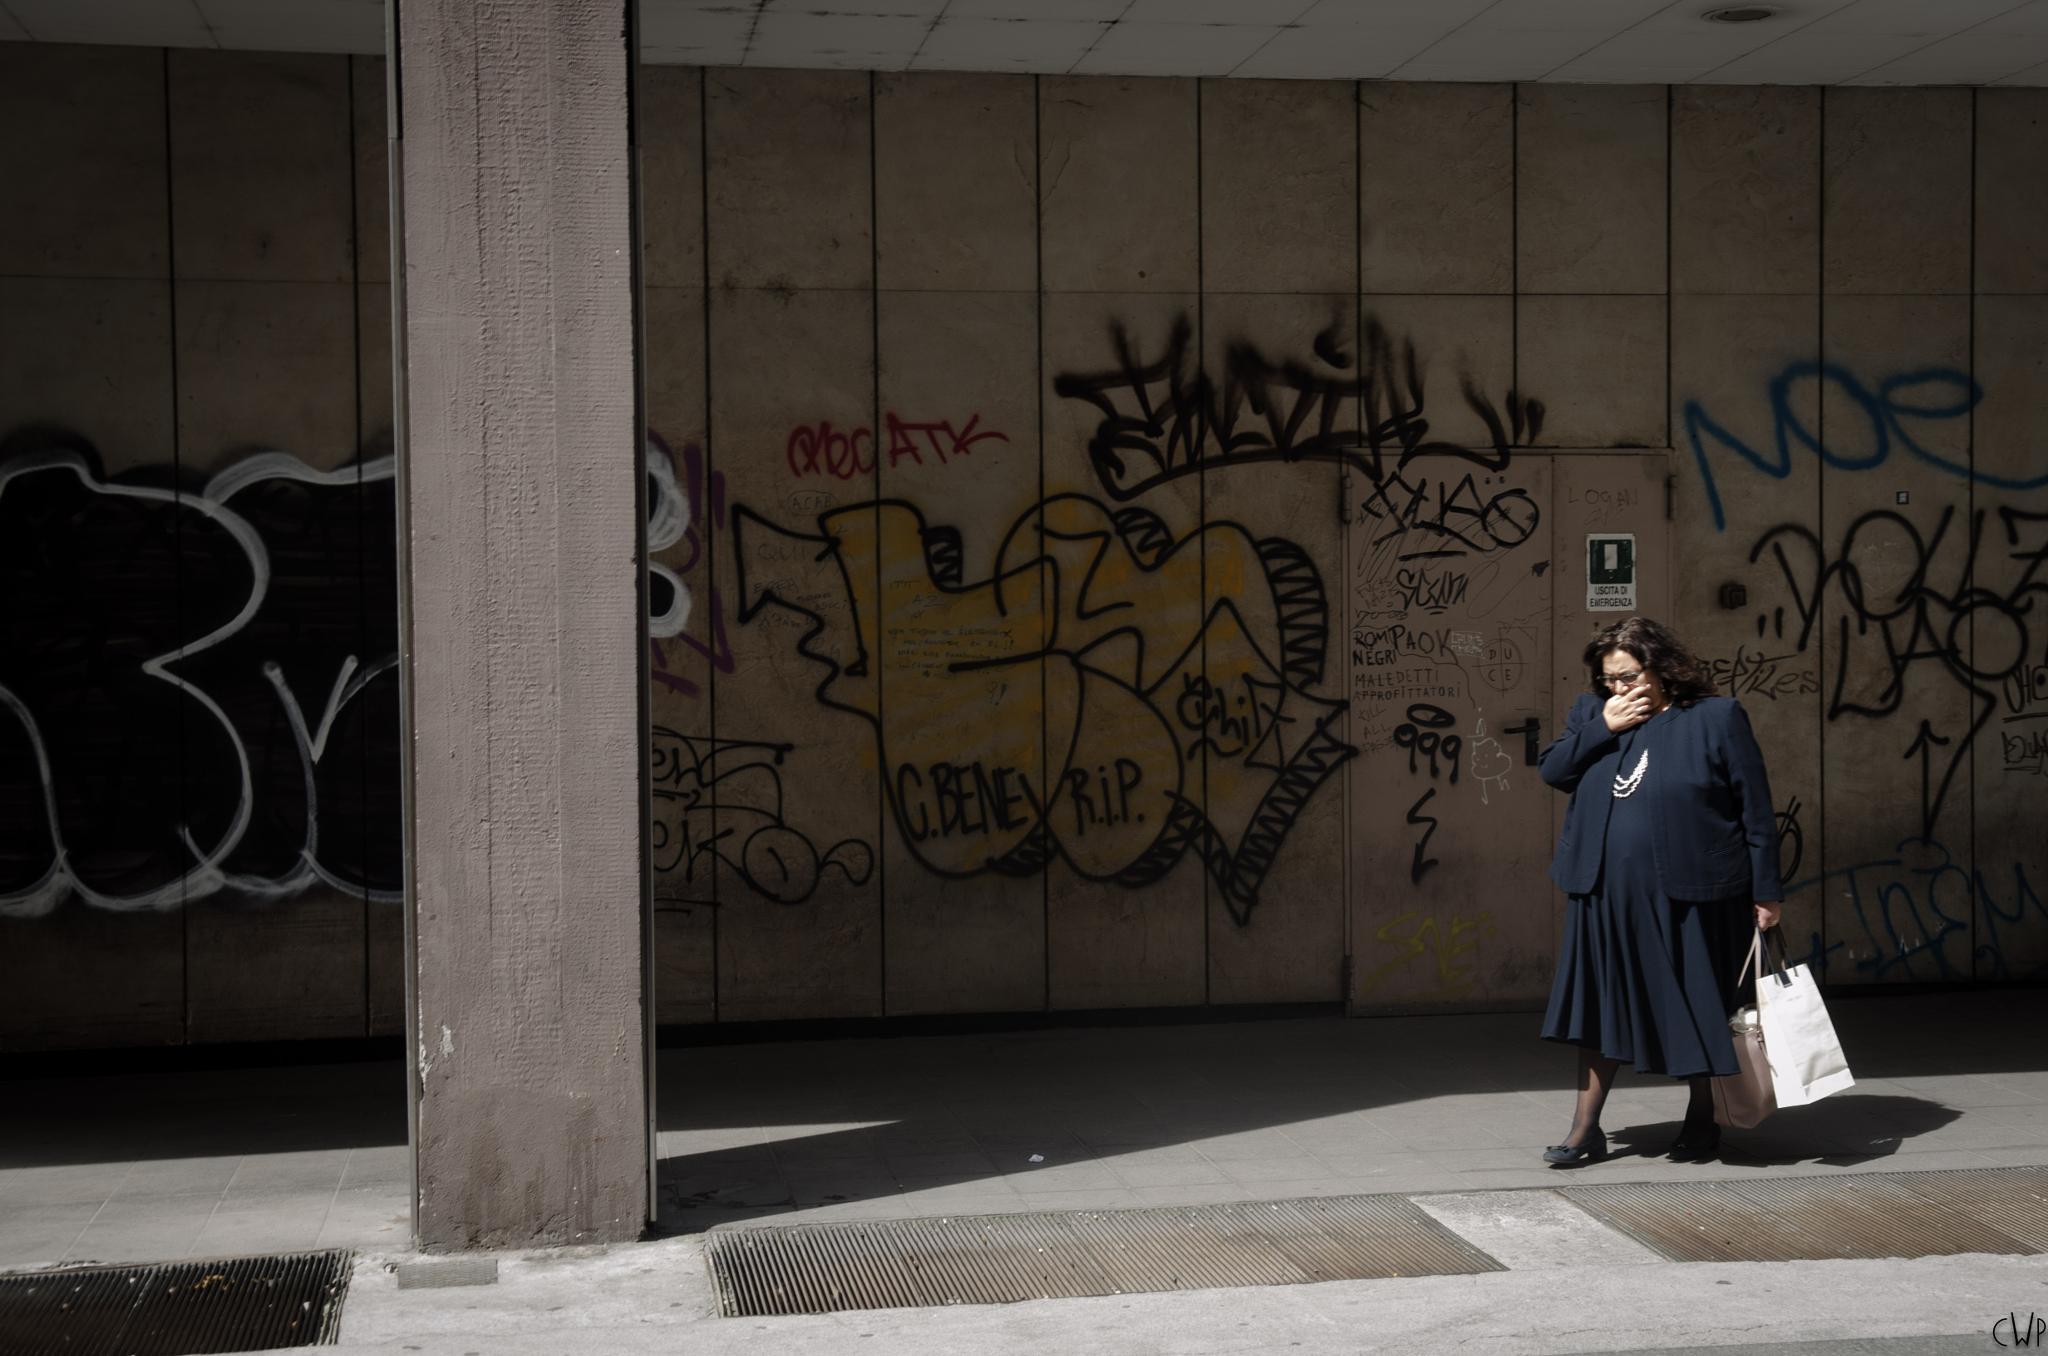 Lady Yawns at Graffiti  by Charlie Watkins